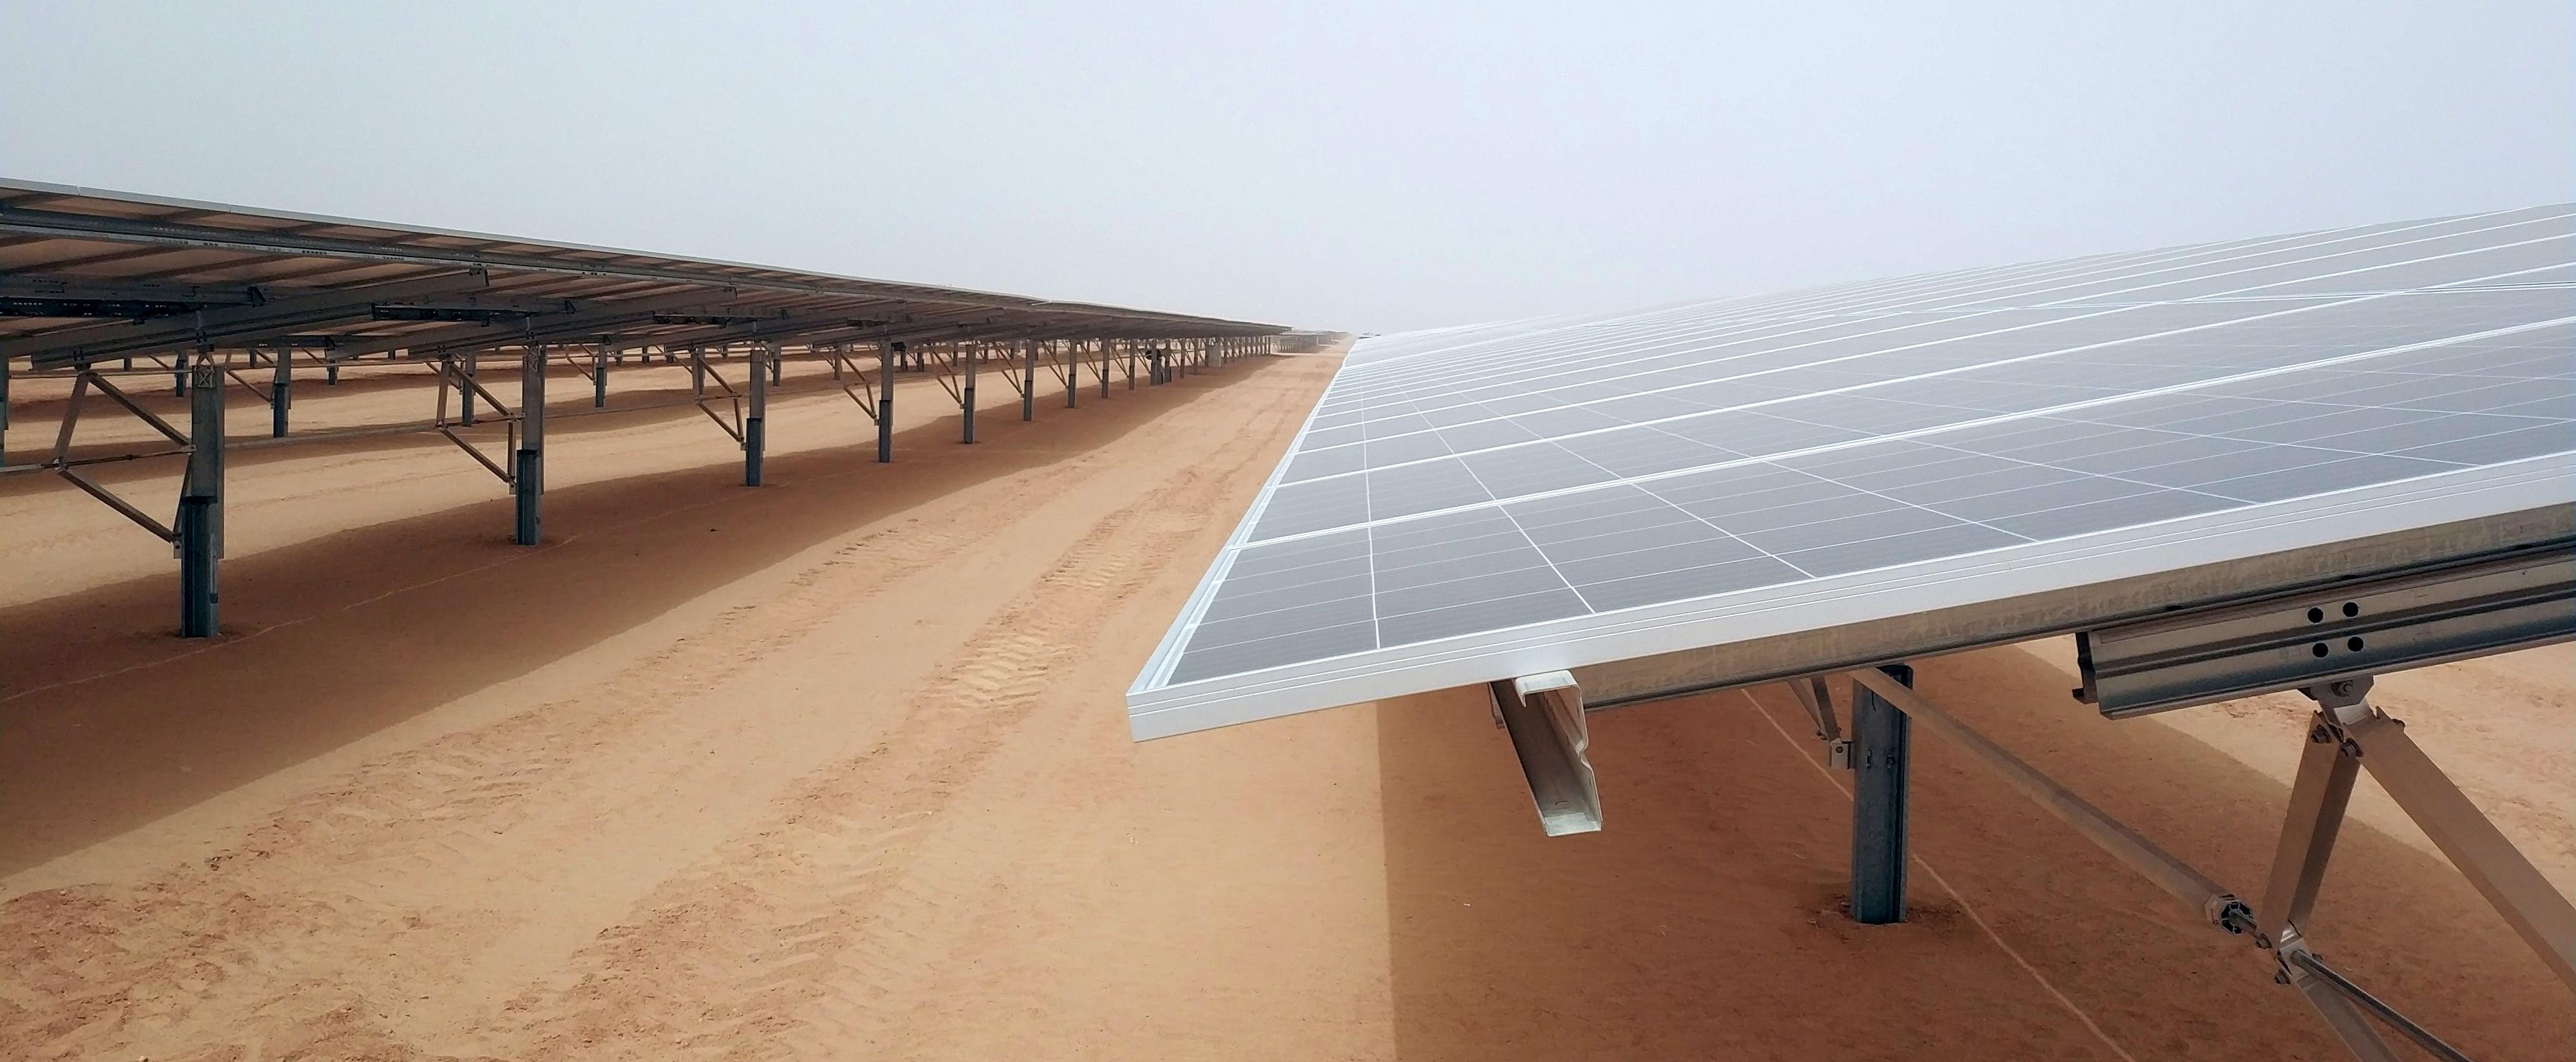 Solarunternehmen nutzt AI